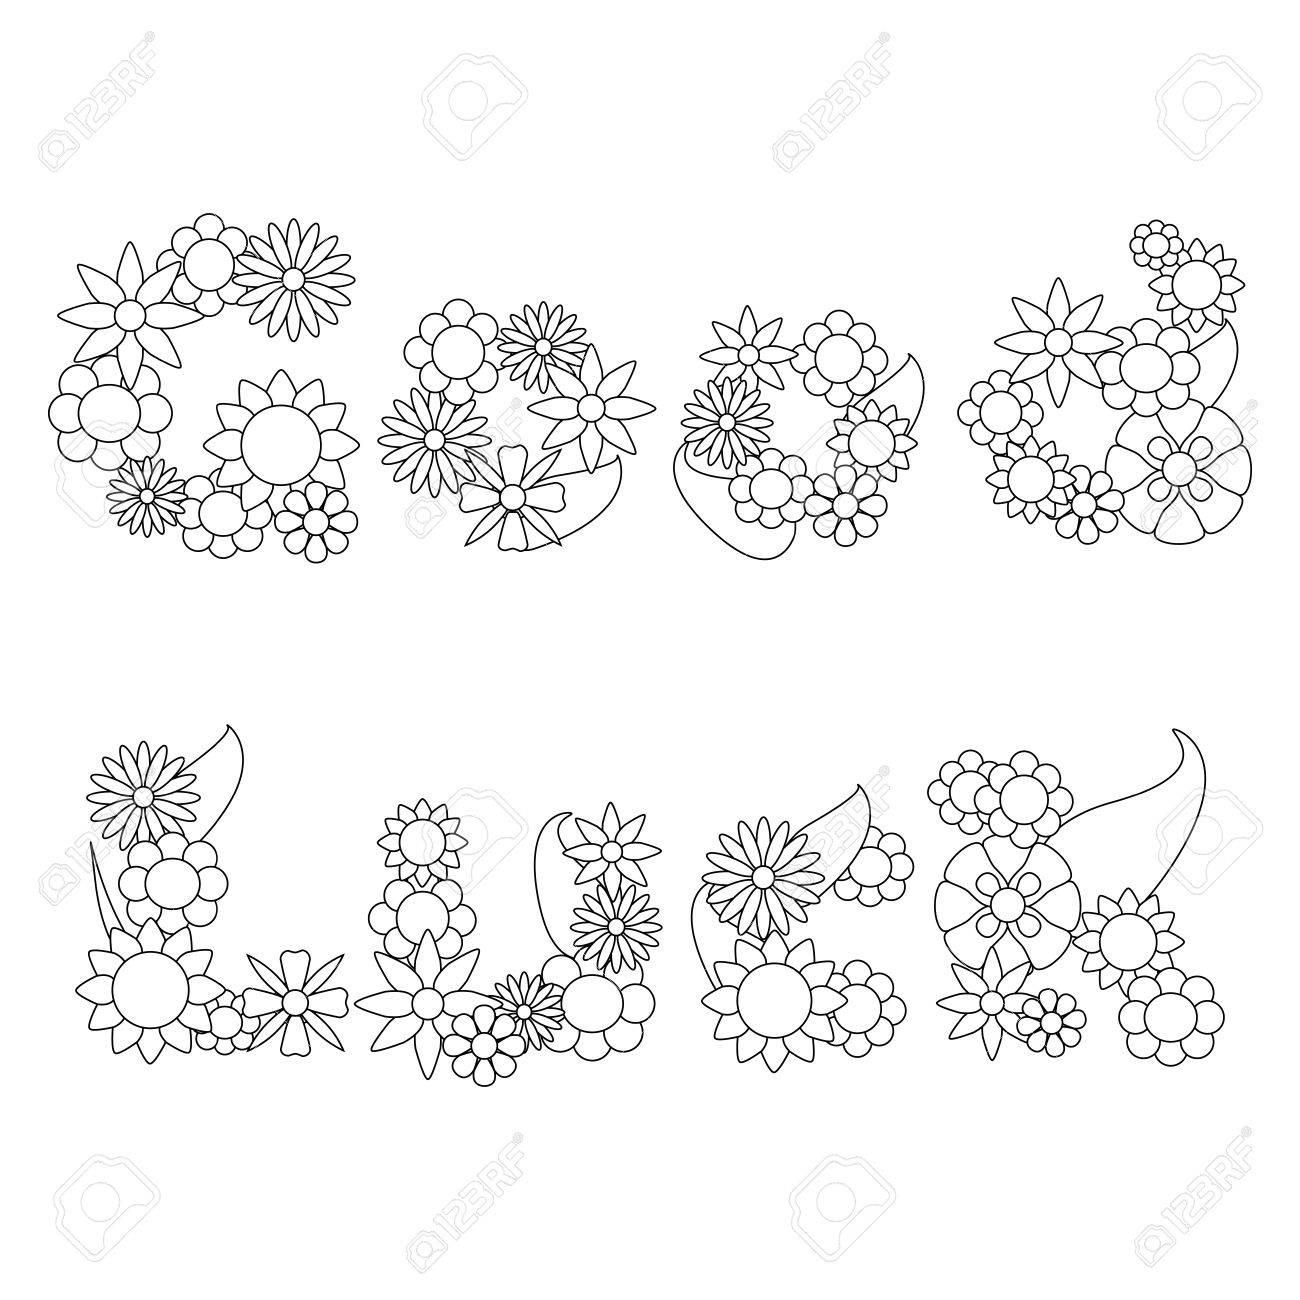 Good Luck Worte Von Blumen Ornament Für Das Färben, Wörter Blumen ...